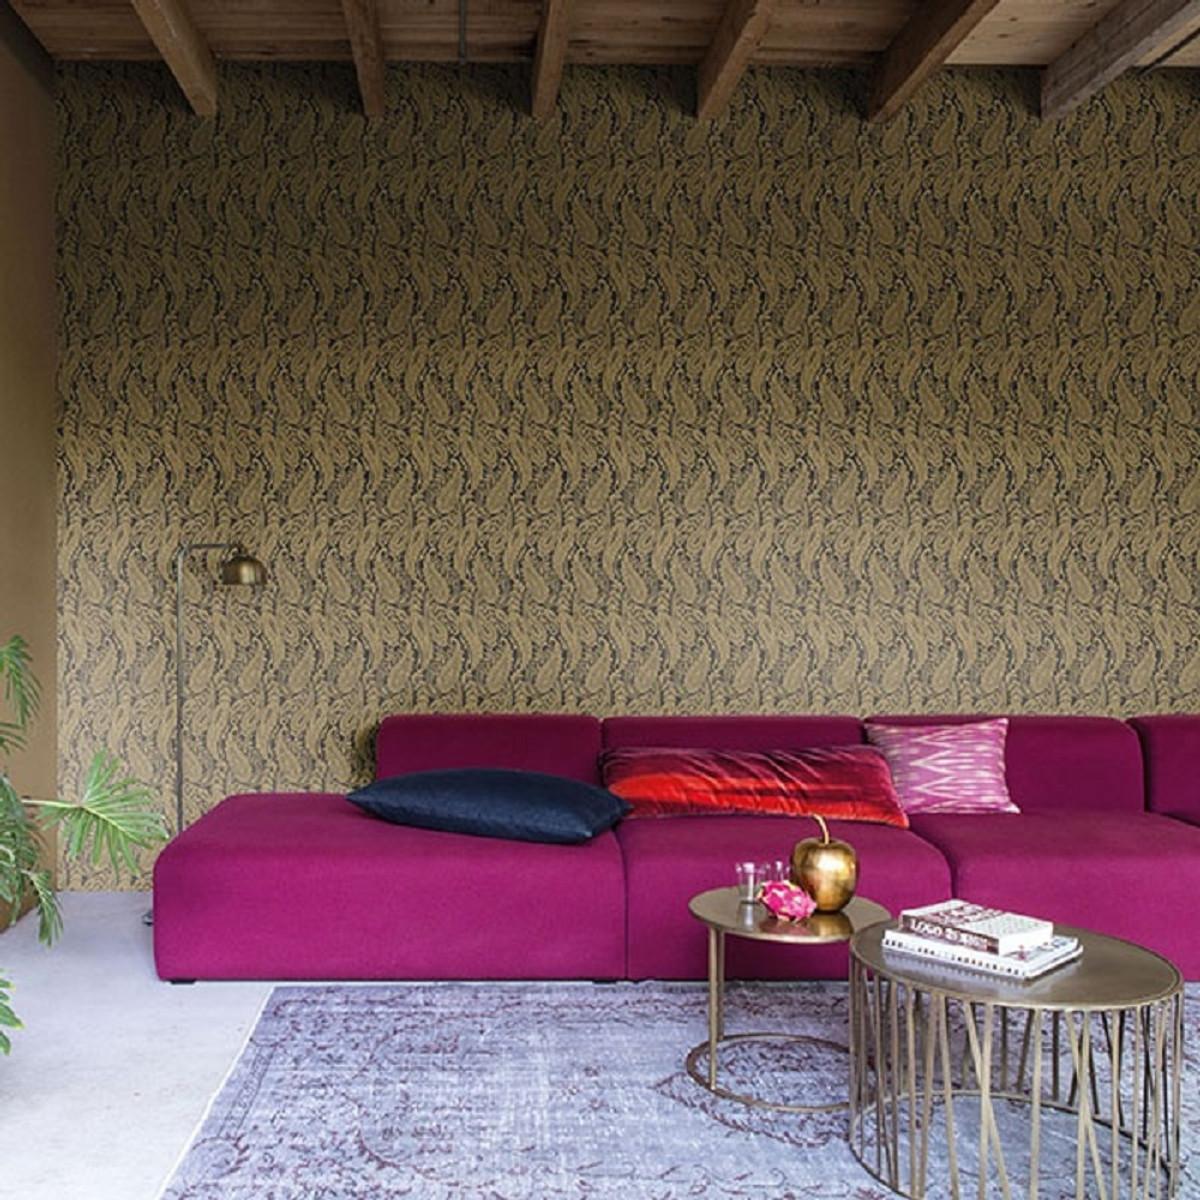 Casa Padrino Barock Wohnzimmer Tapete Grau / Gold 10, 05 x 0, 53 m -  Hochwertige Textiltapete